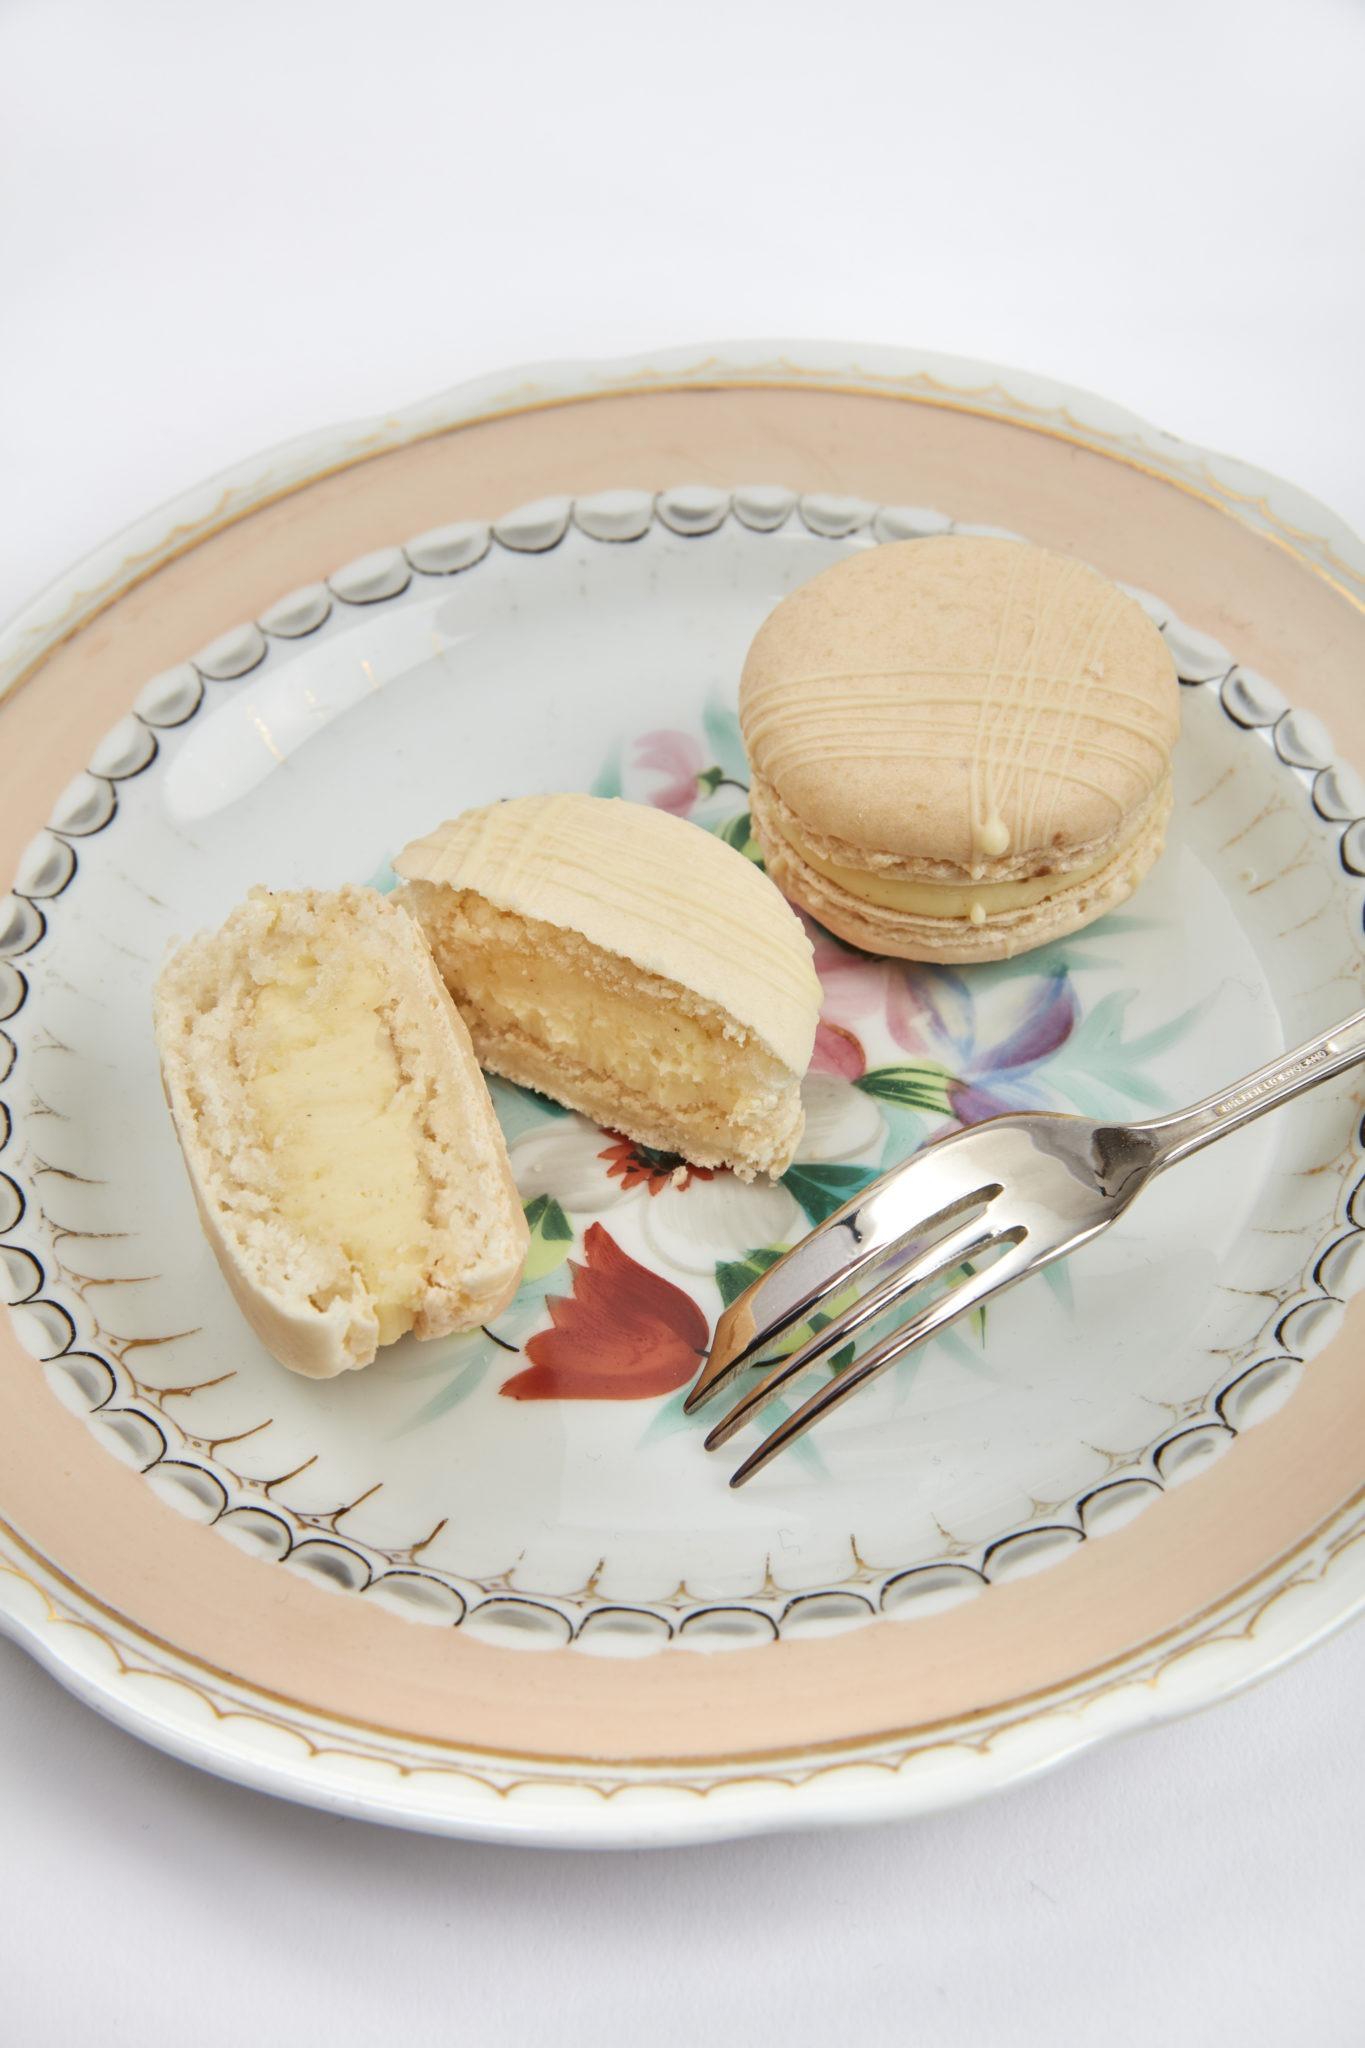 Macaron Vanilla White Chocolate Creme Fraiche | Clare Anne Taylor Couture Cakes